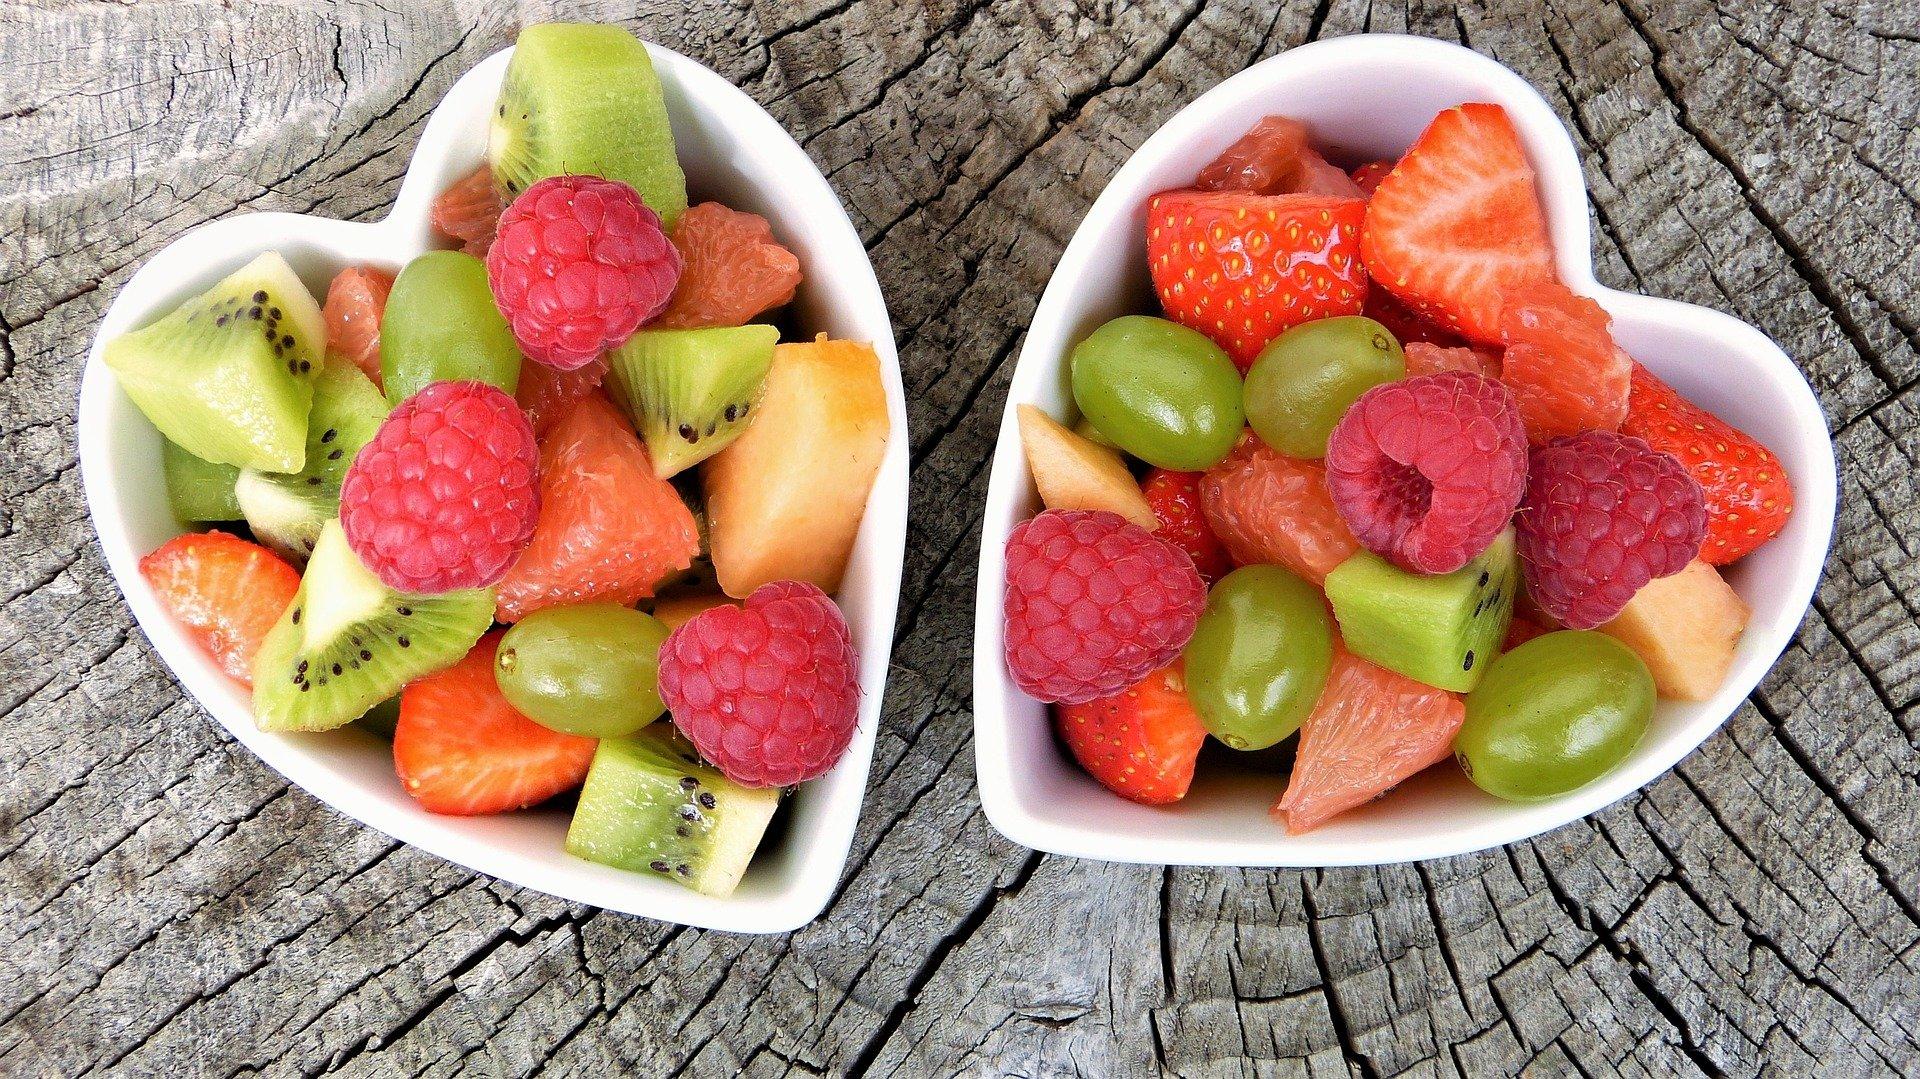 platos llenos con vitaminas hidrosolubles